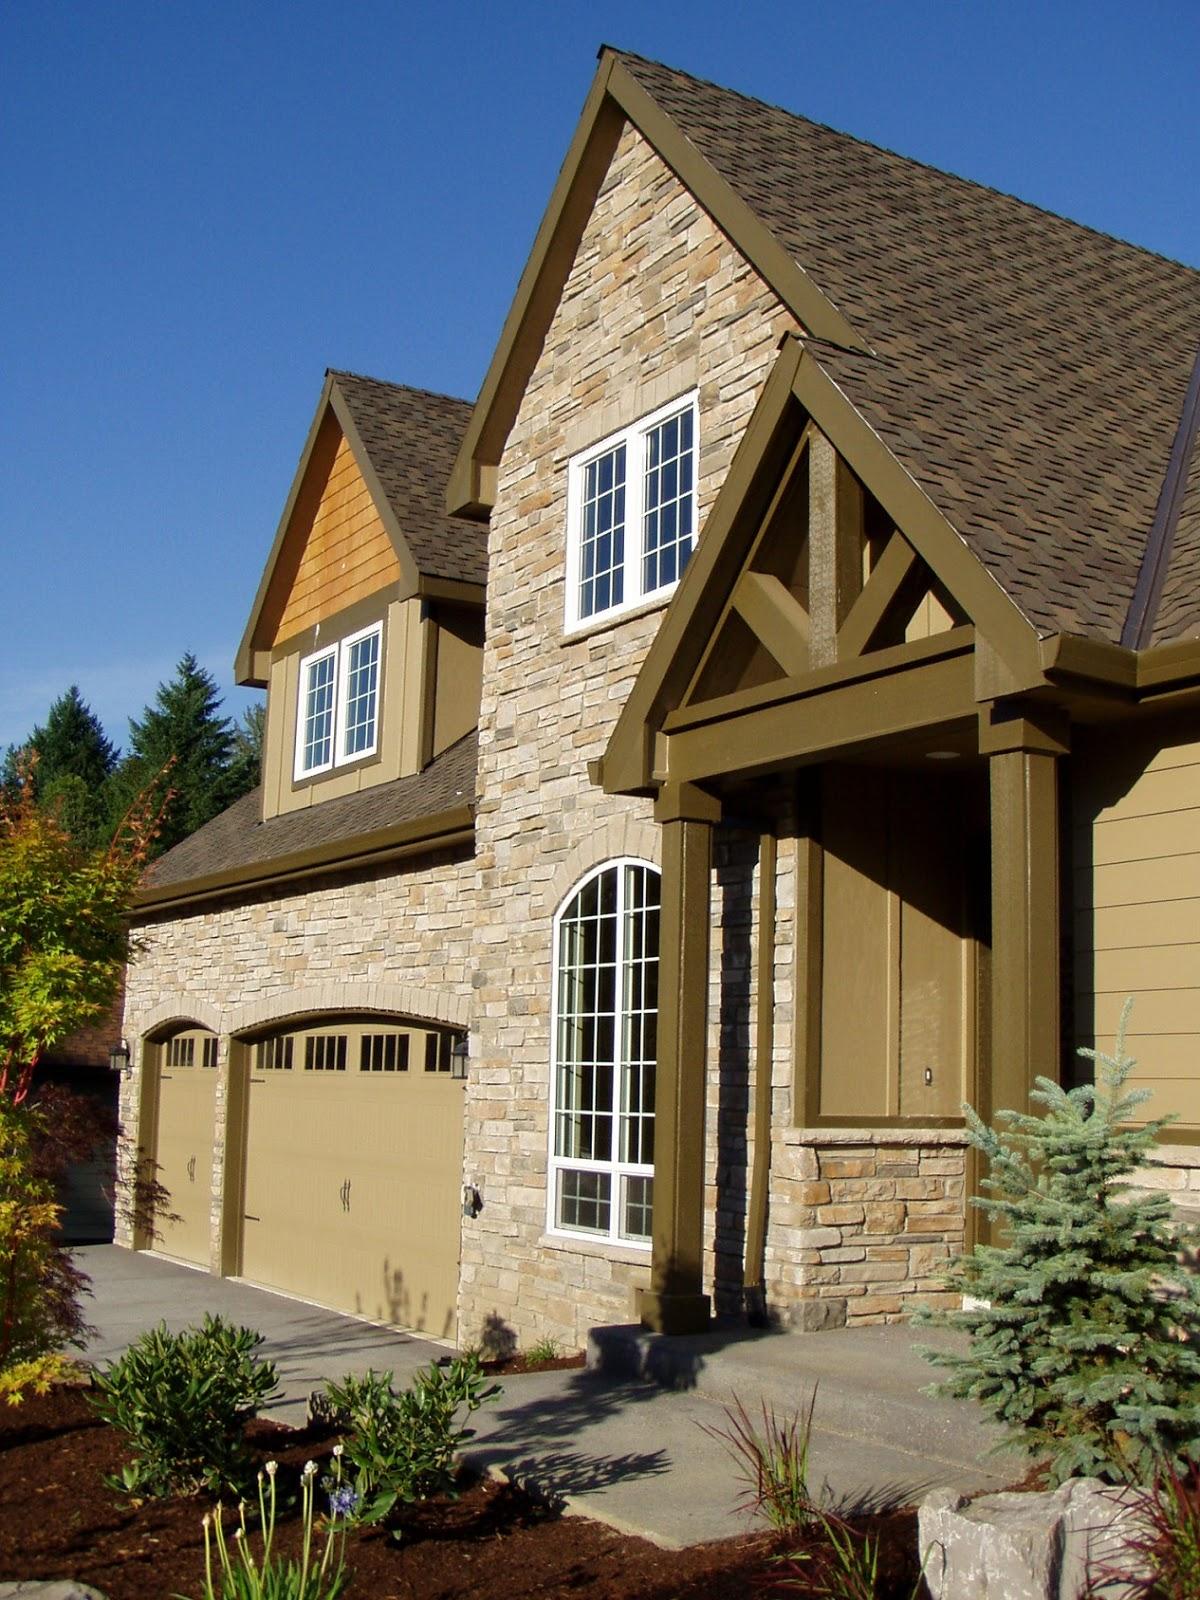 Ver fotos de casas bonitas escoja y vote por sus fotos de for Casas en garajes